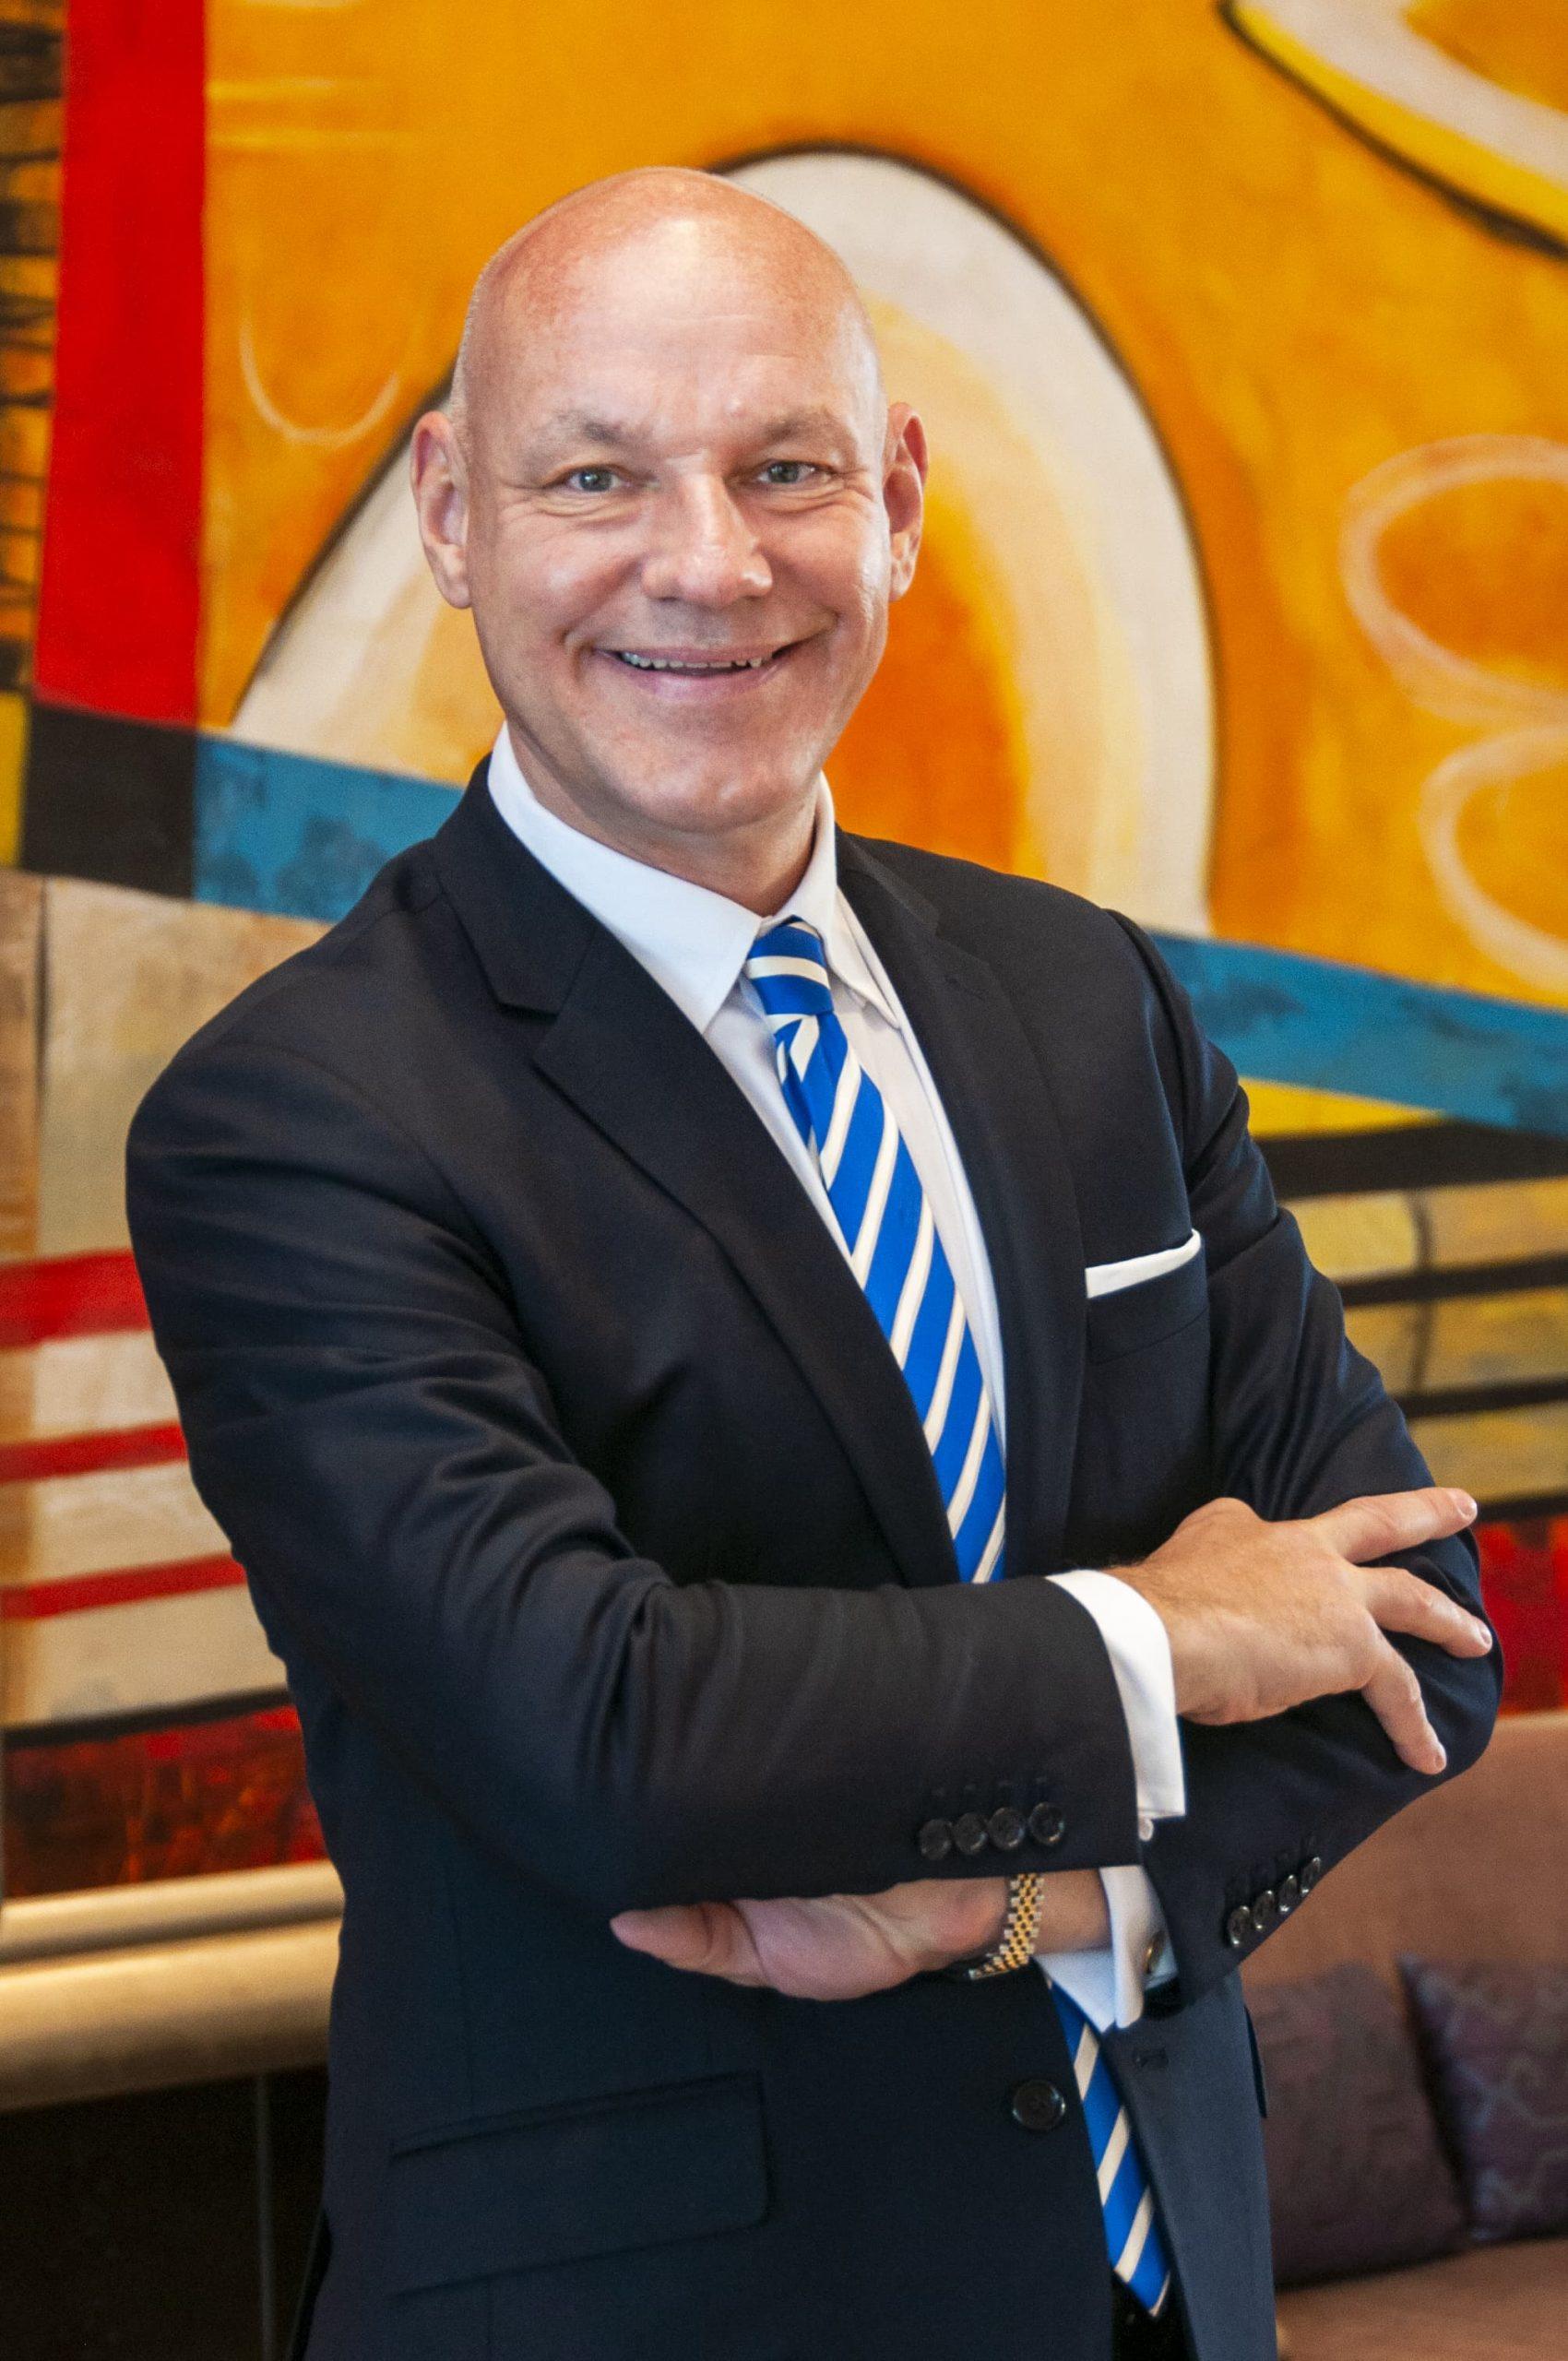 Thomas Schmelter IHG